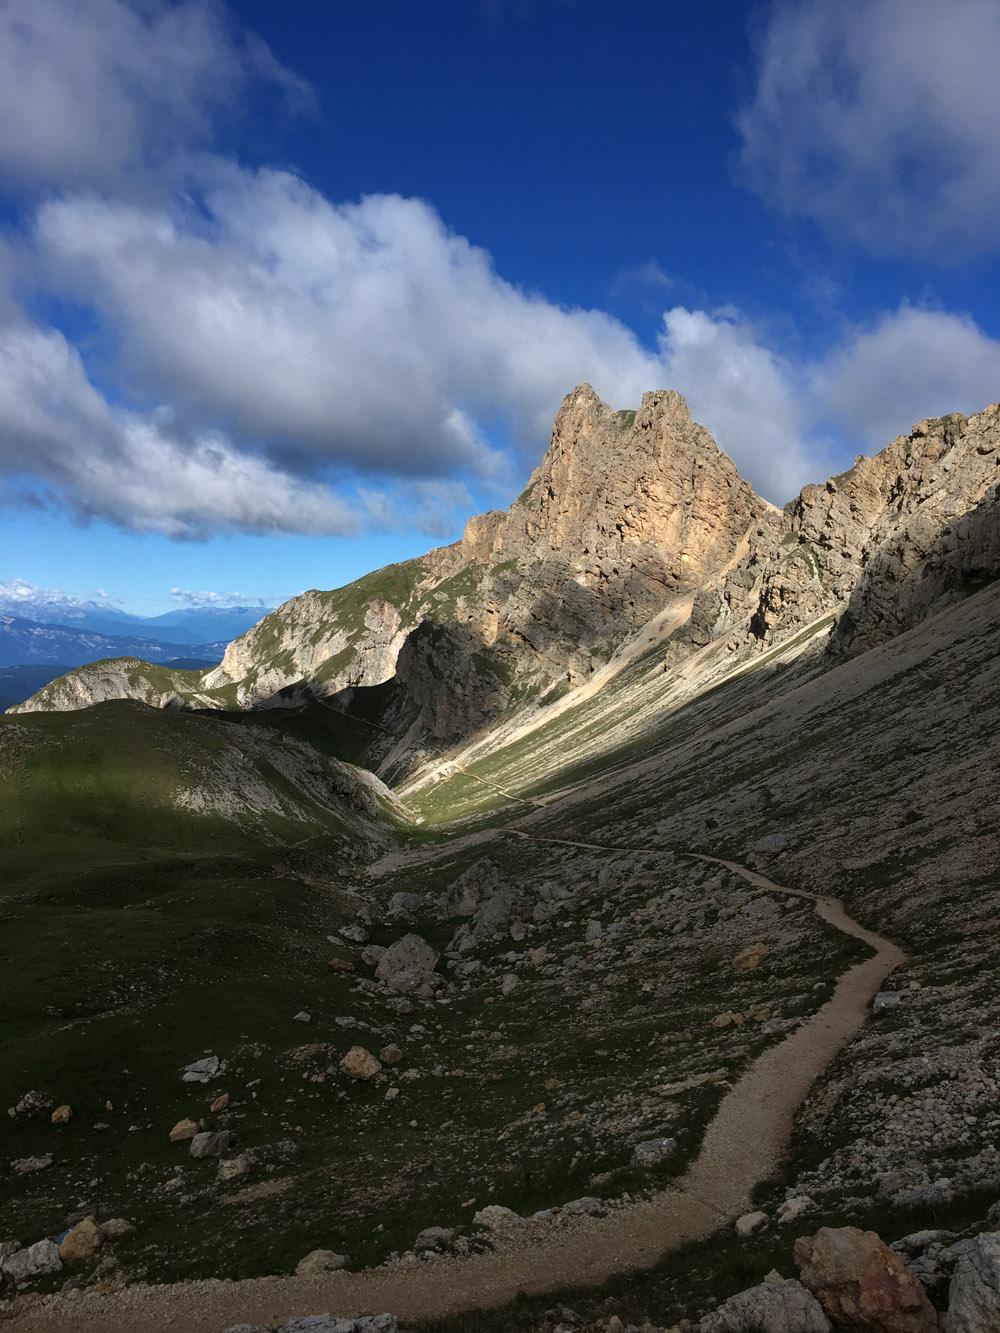 tito tomasi traversee alpes 09 05 57